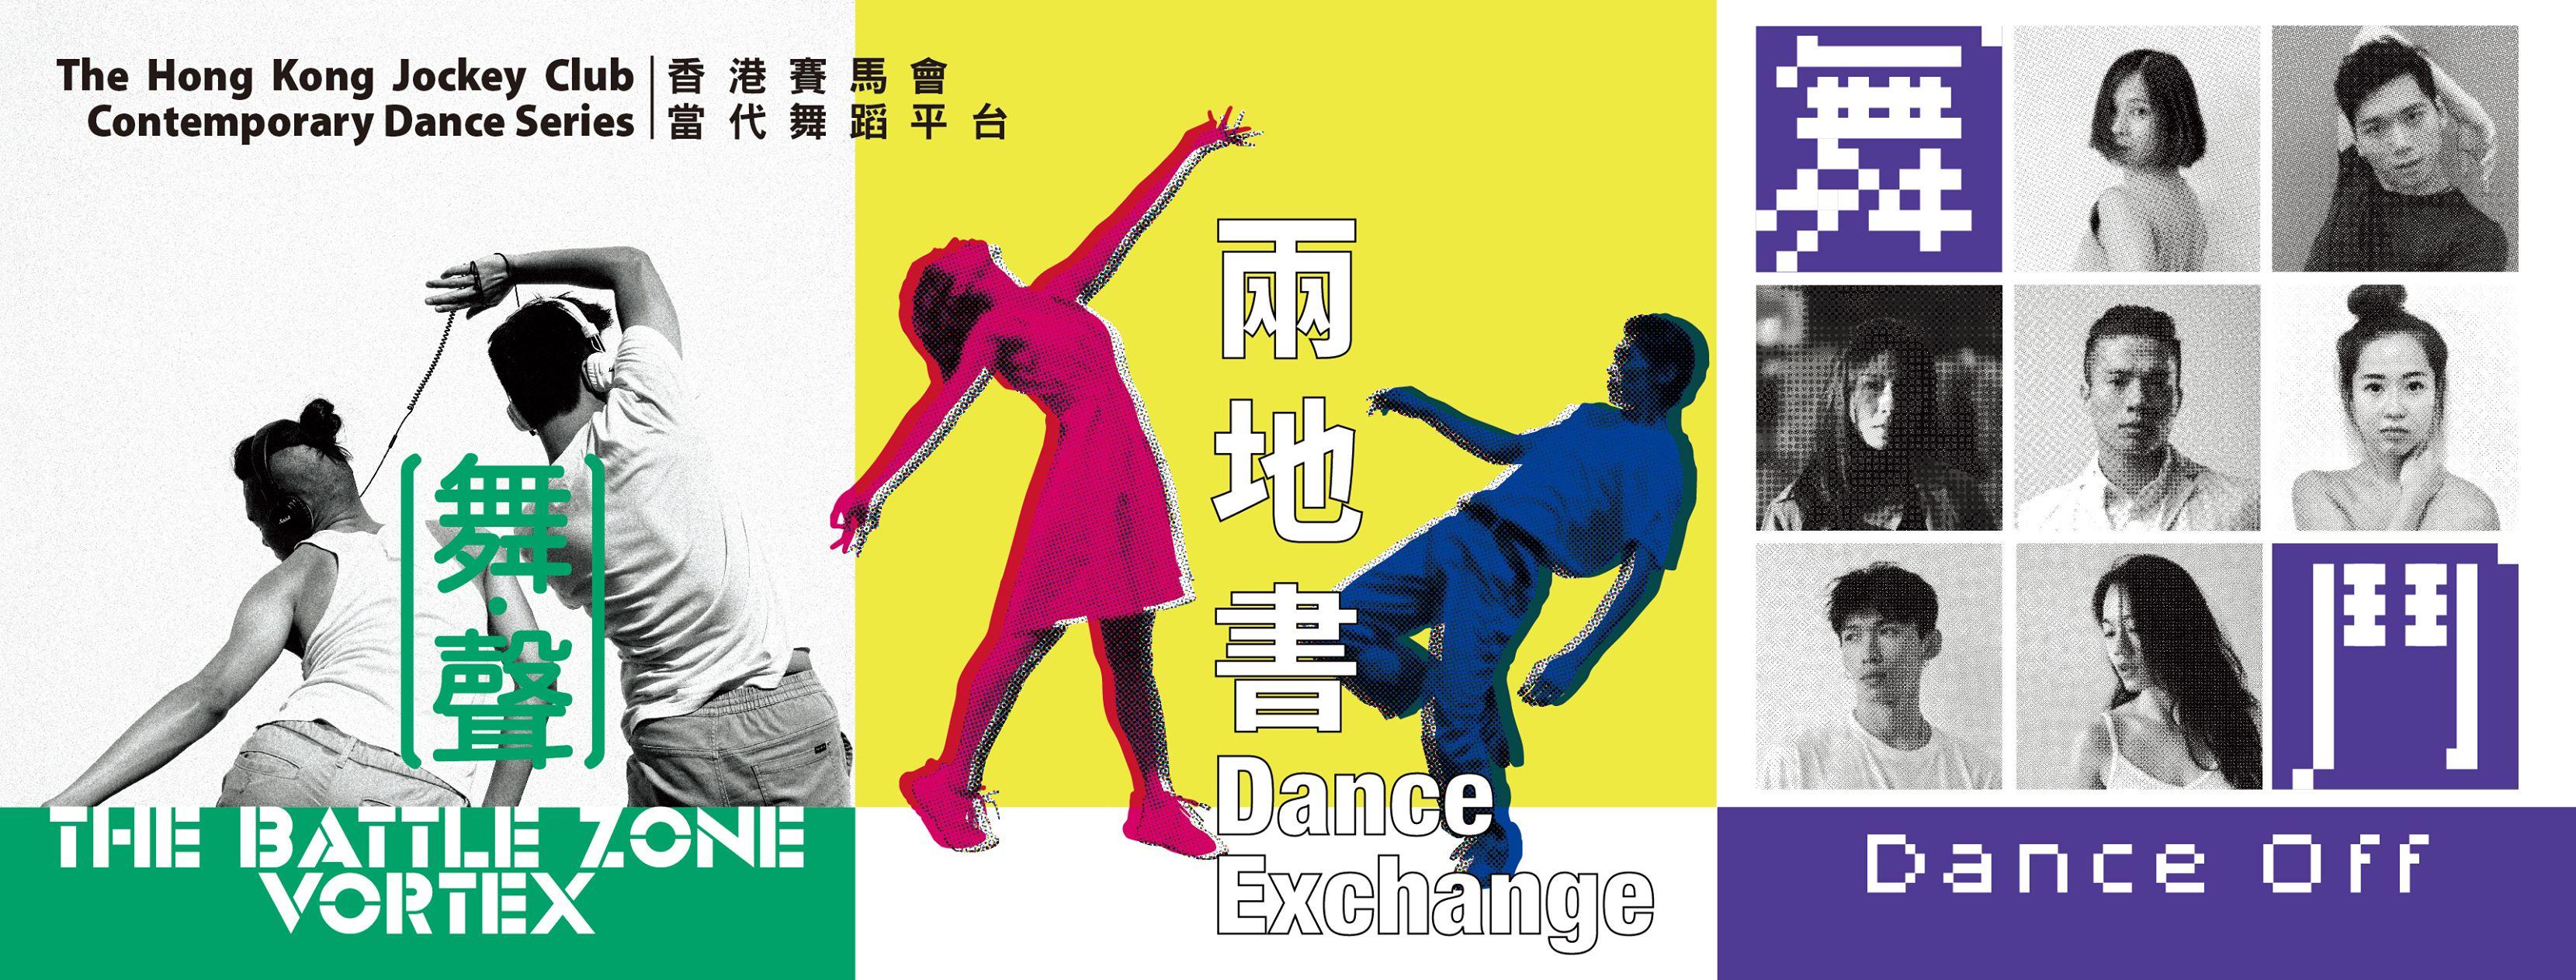 香港賽馬會當代舞蹈平台